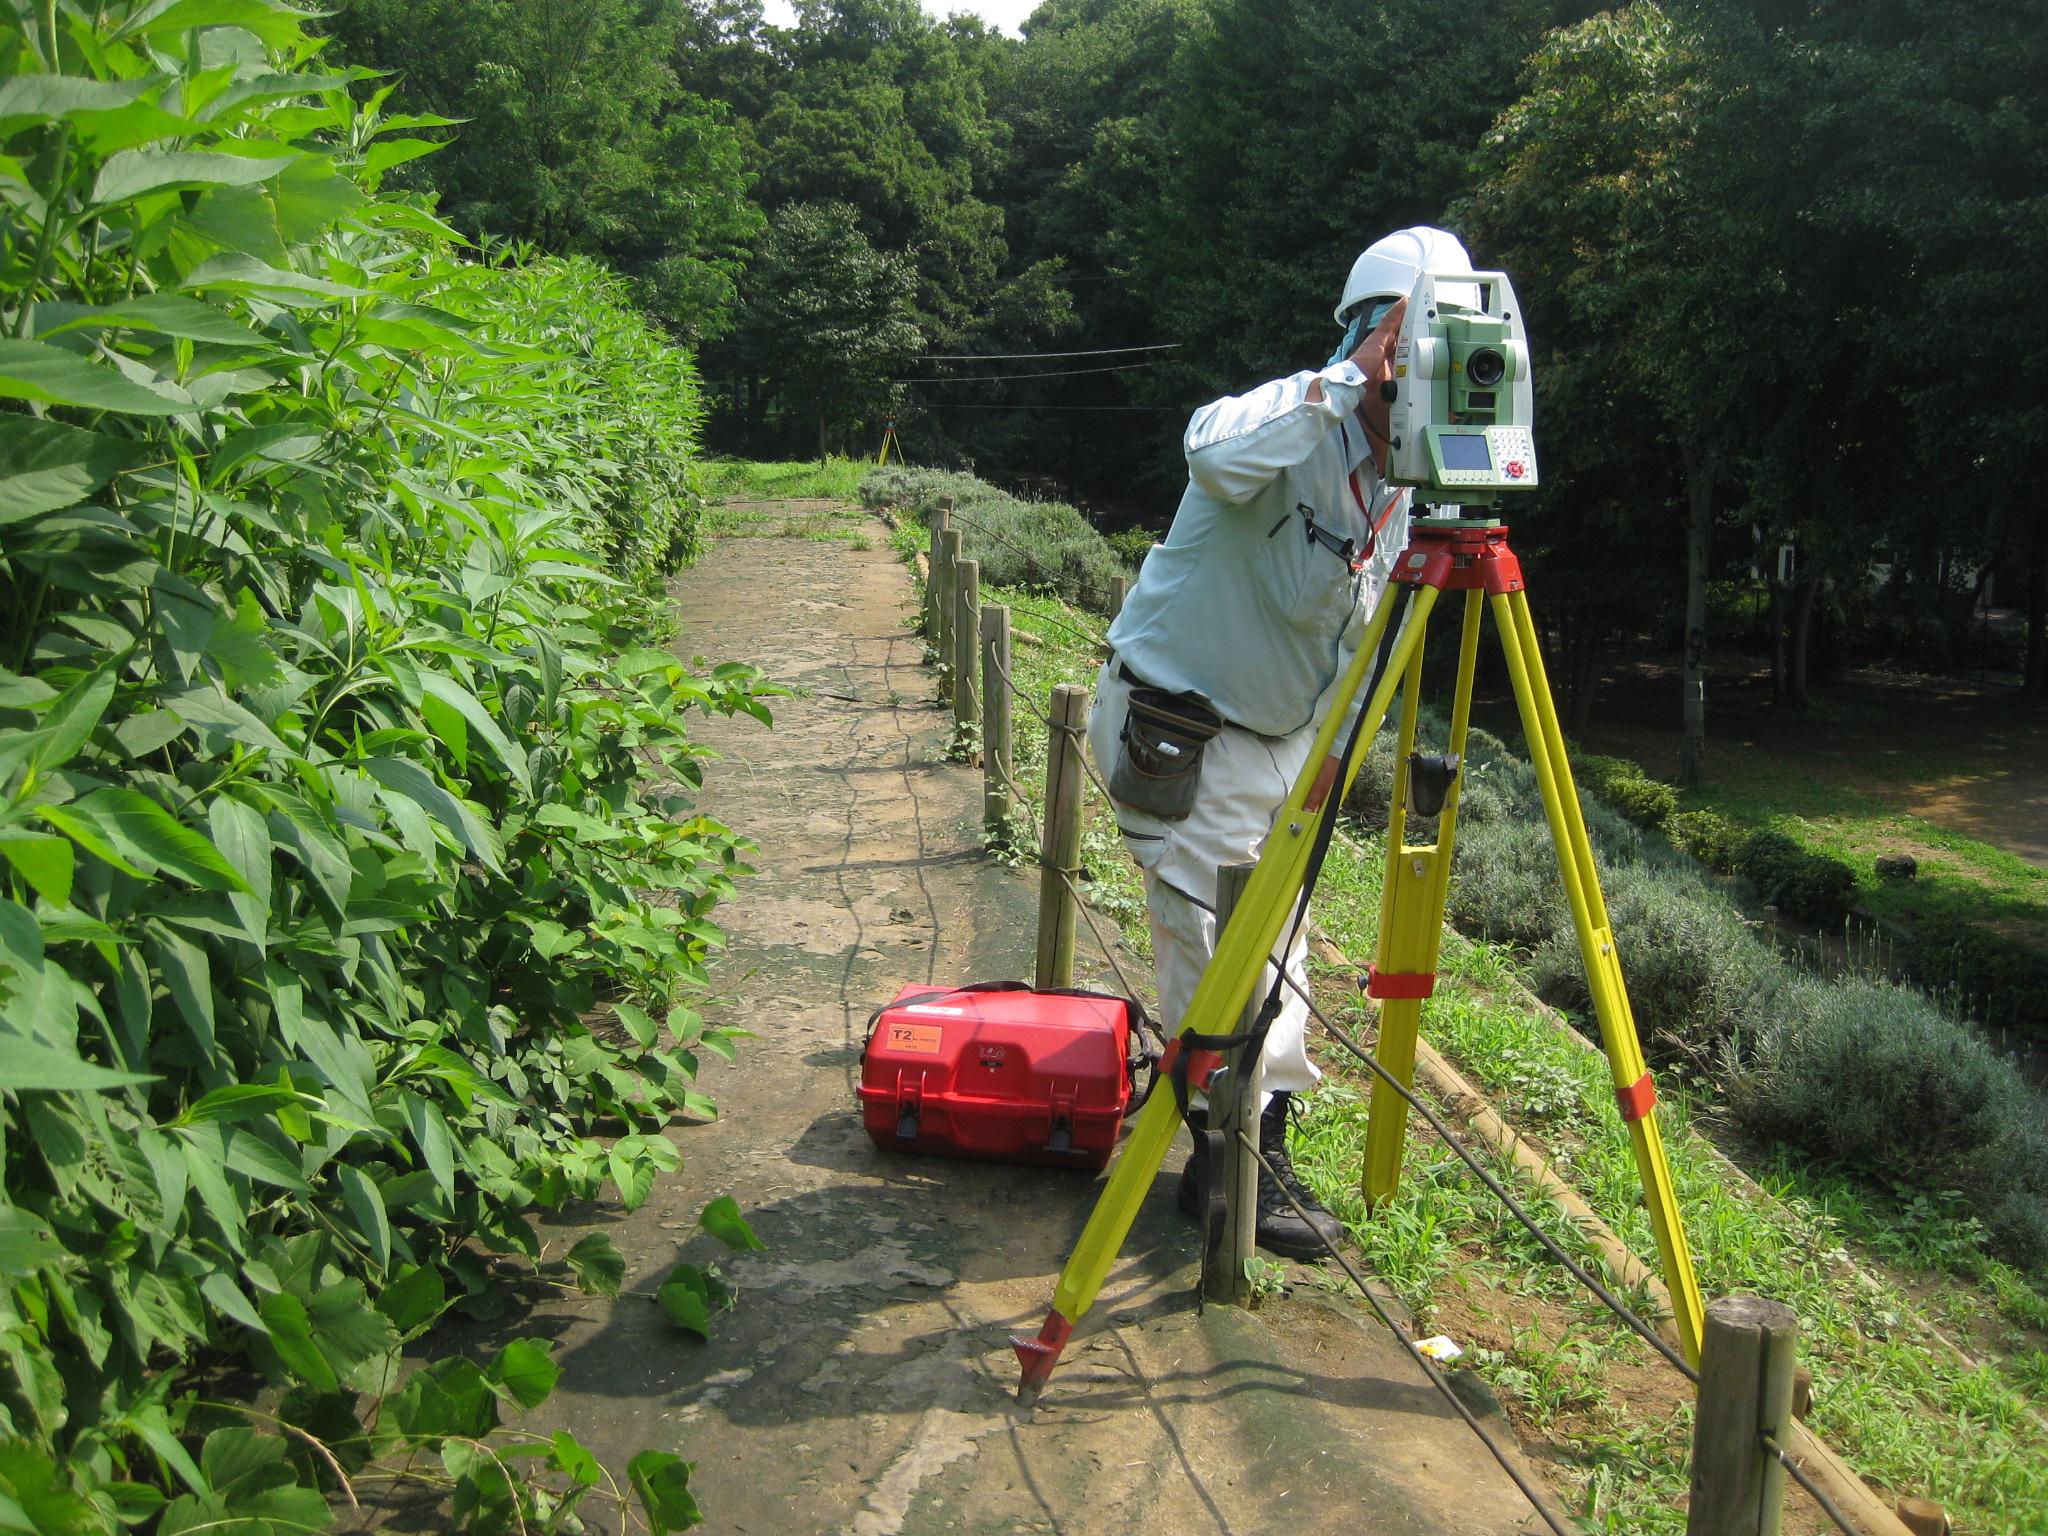 戸山公園現況測量のイメージ画像